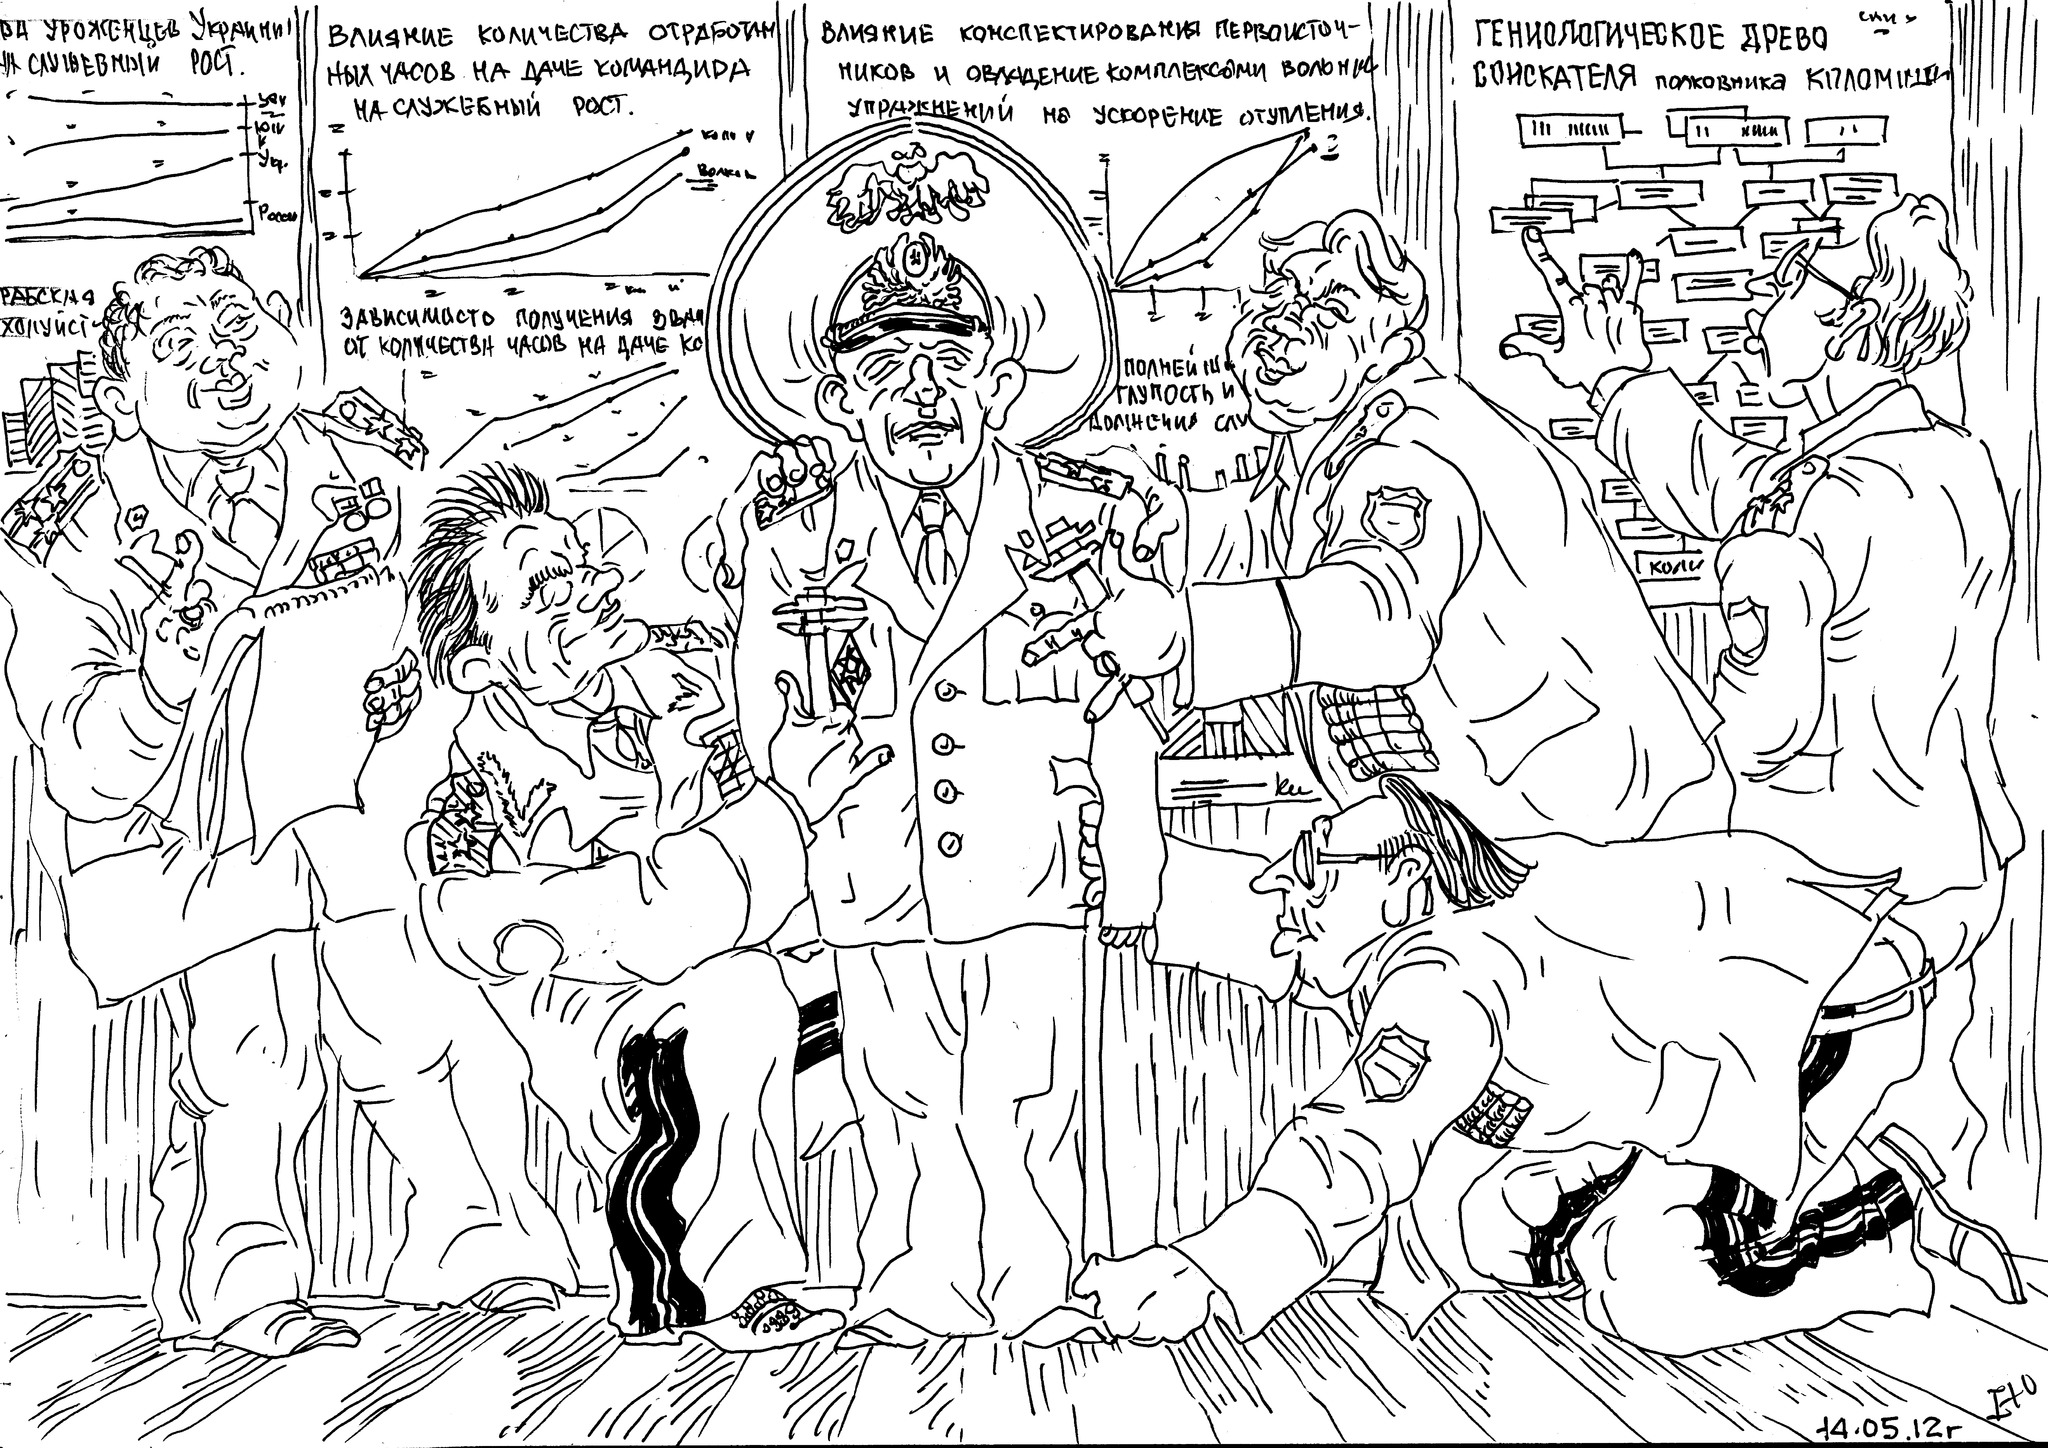 Военнаука военучёных. Заседание комиссии на предмет присвоения звания кандидата